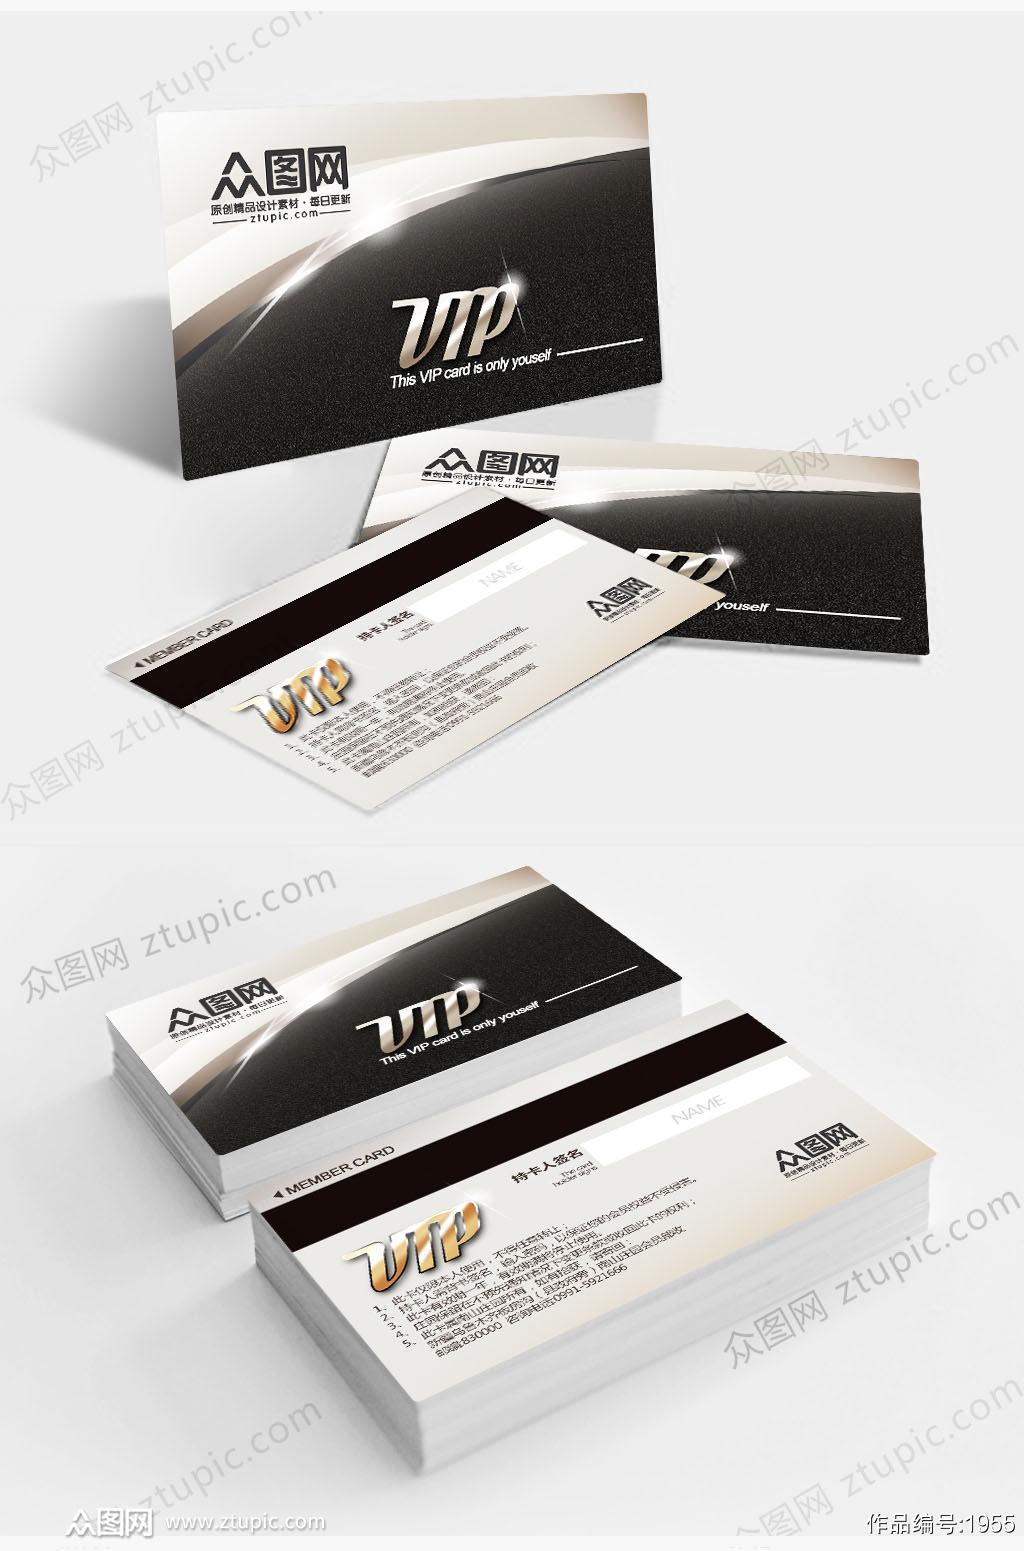 金色立体大气会员VIP贵宾卡设计素材